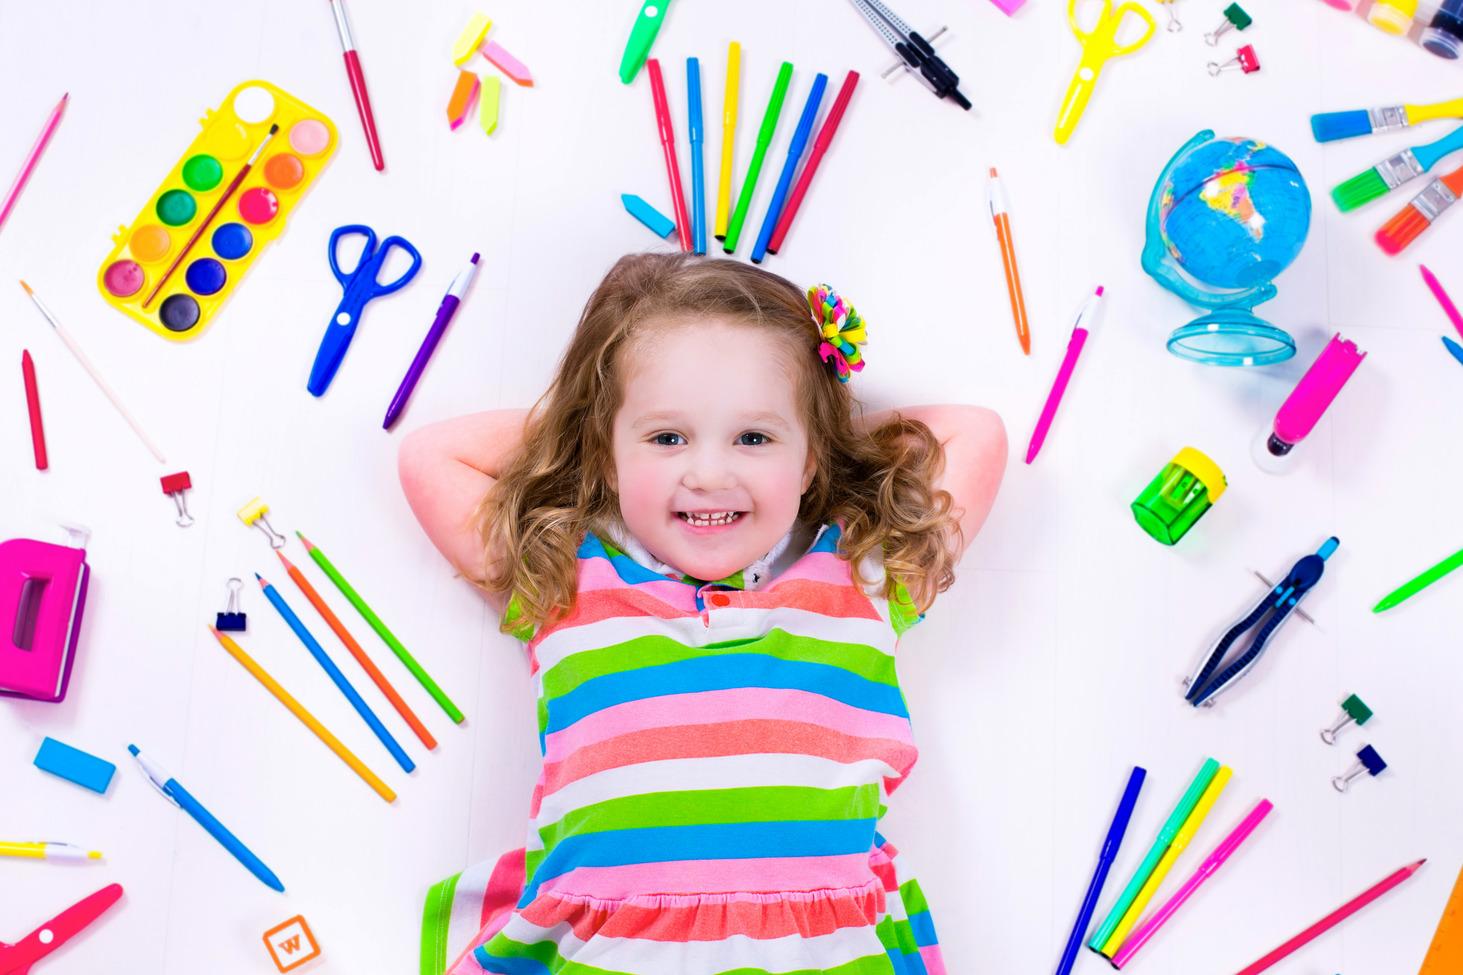 Россия вошла в топ-20 стран с развитой системой дополнительного образования детей